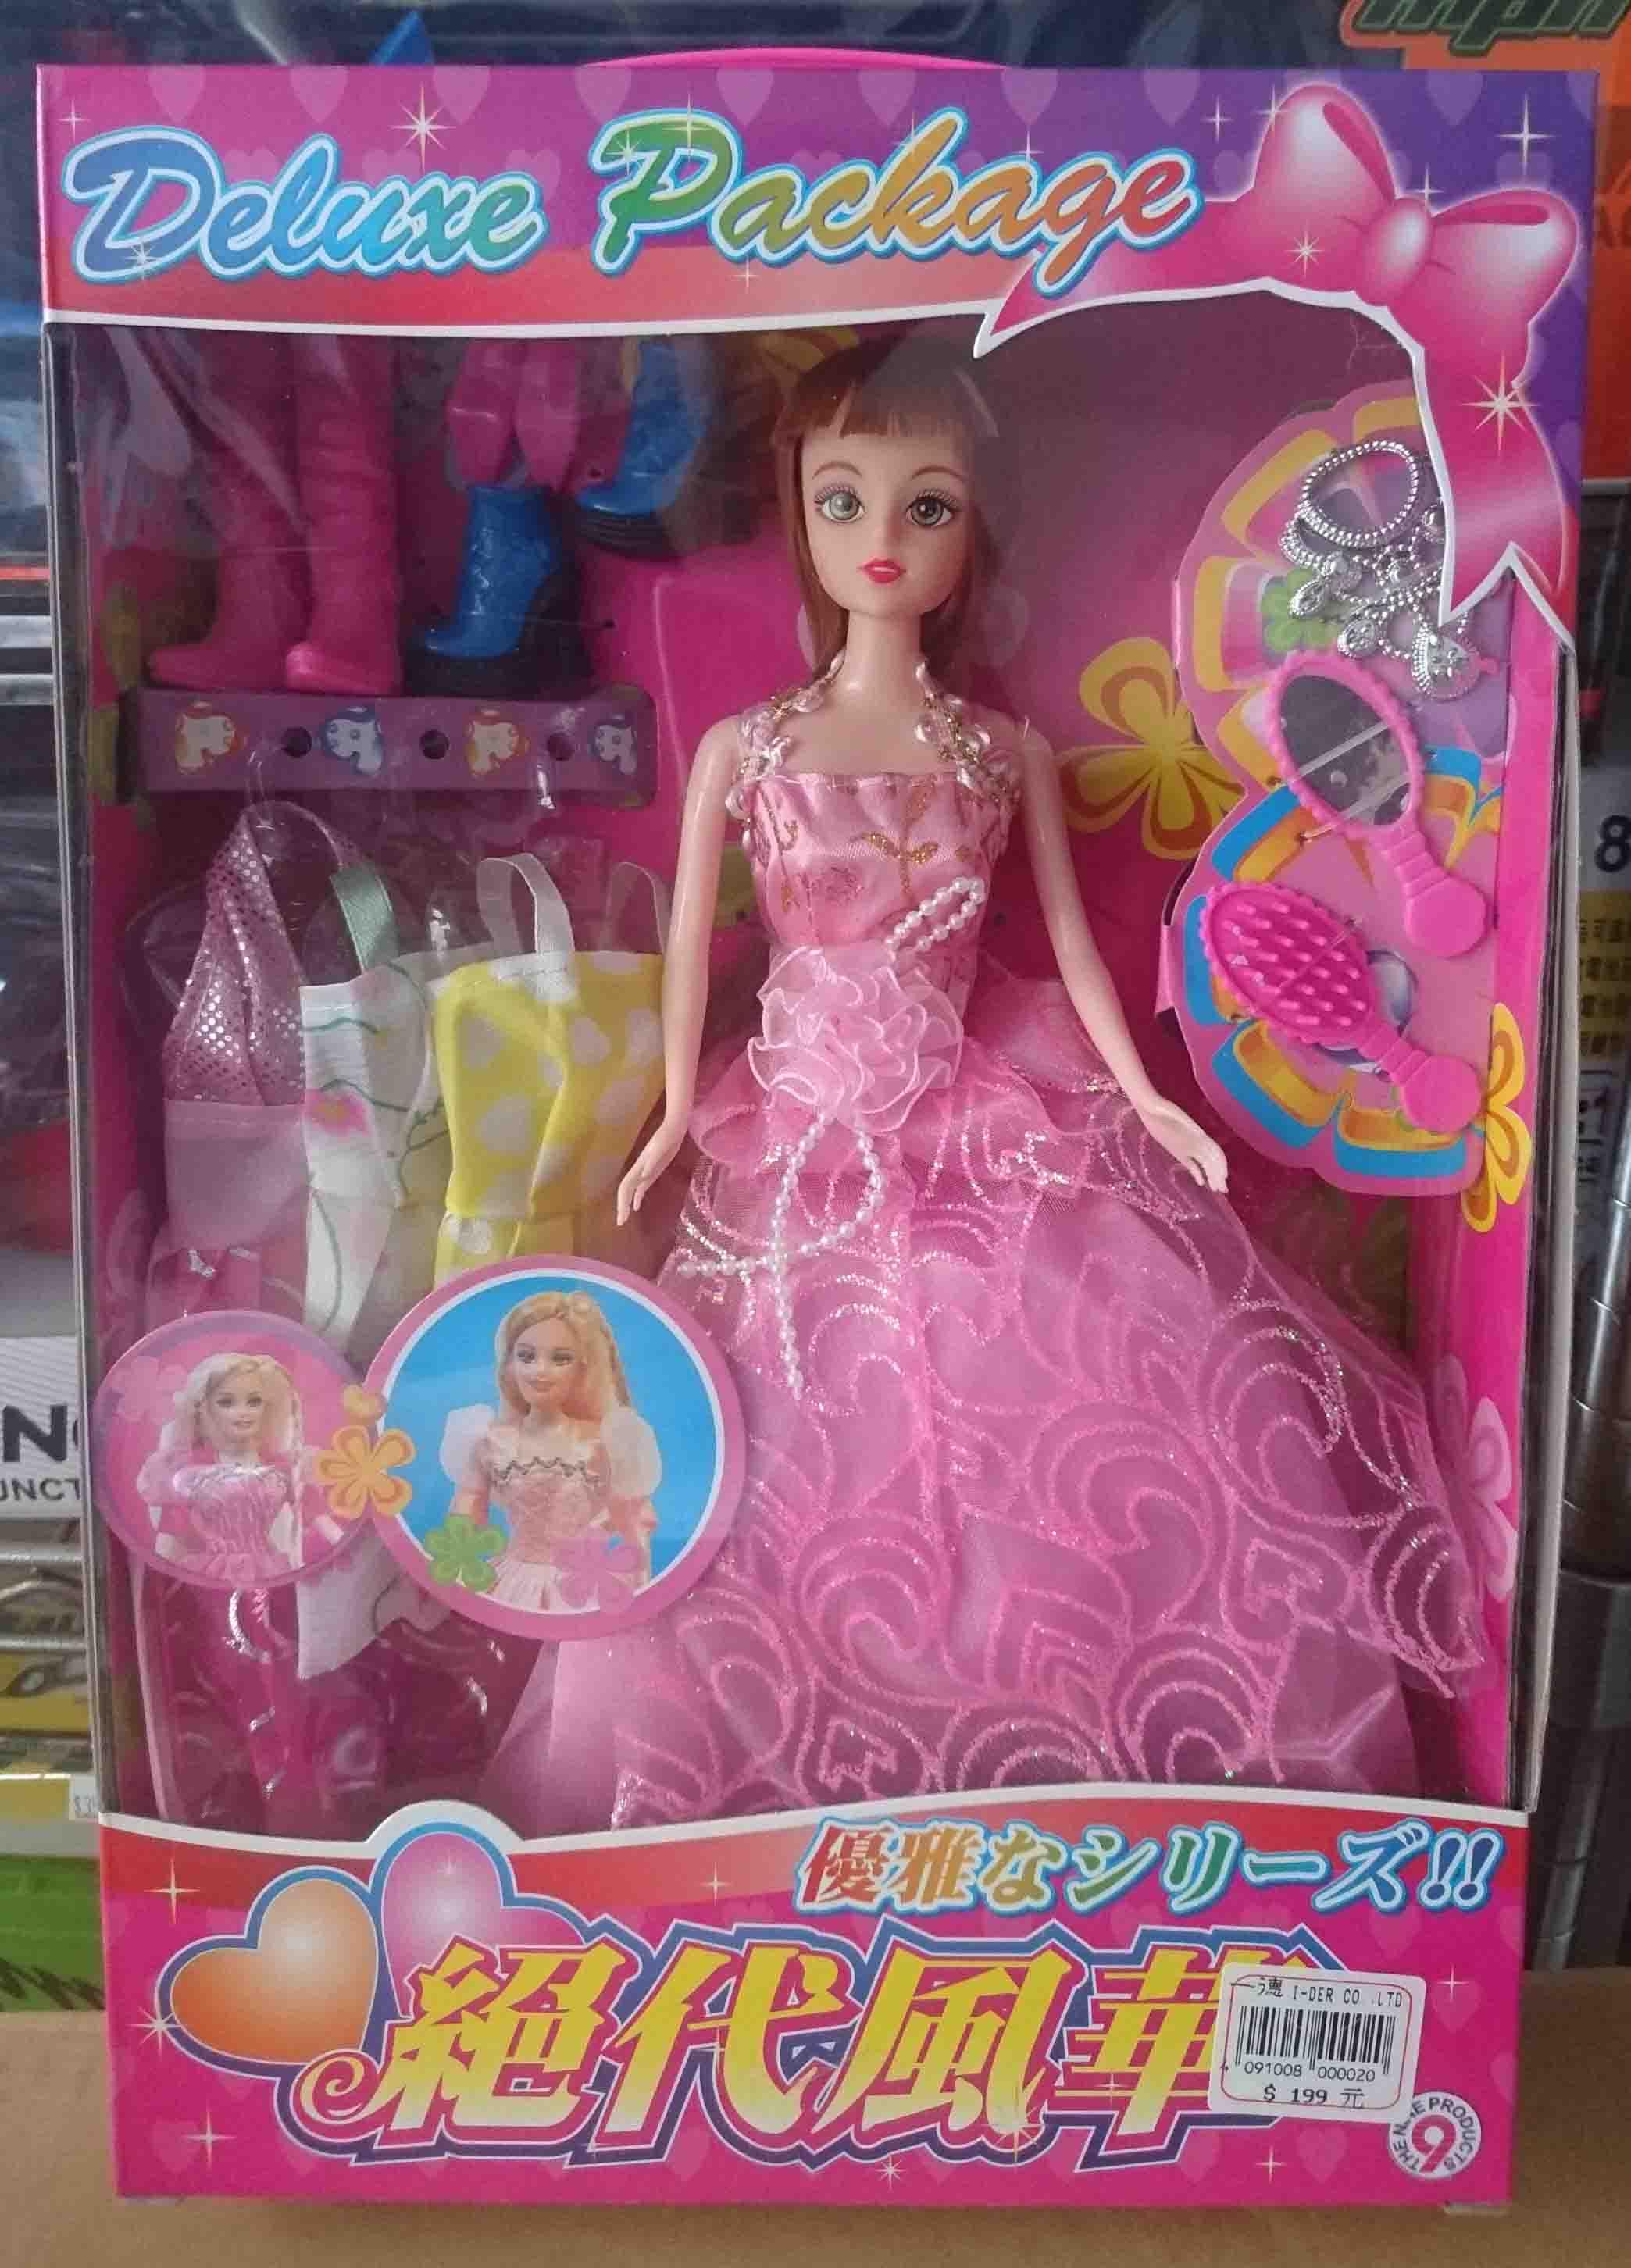 適合小女生的絕代風華娃娃,益祥模型玩具外盒實拍照。